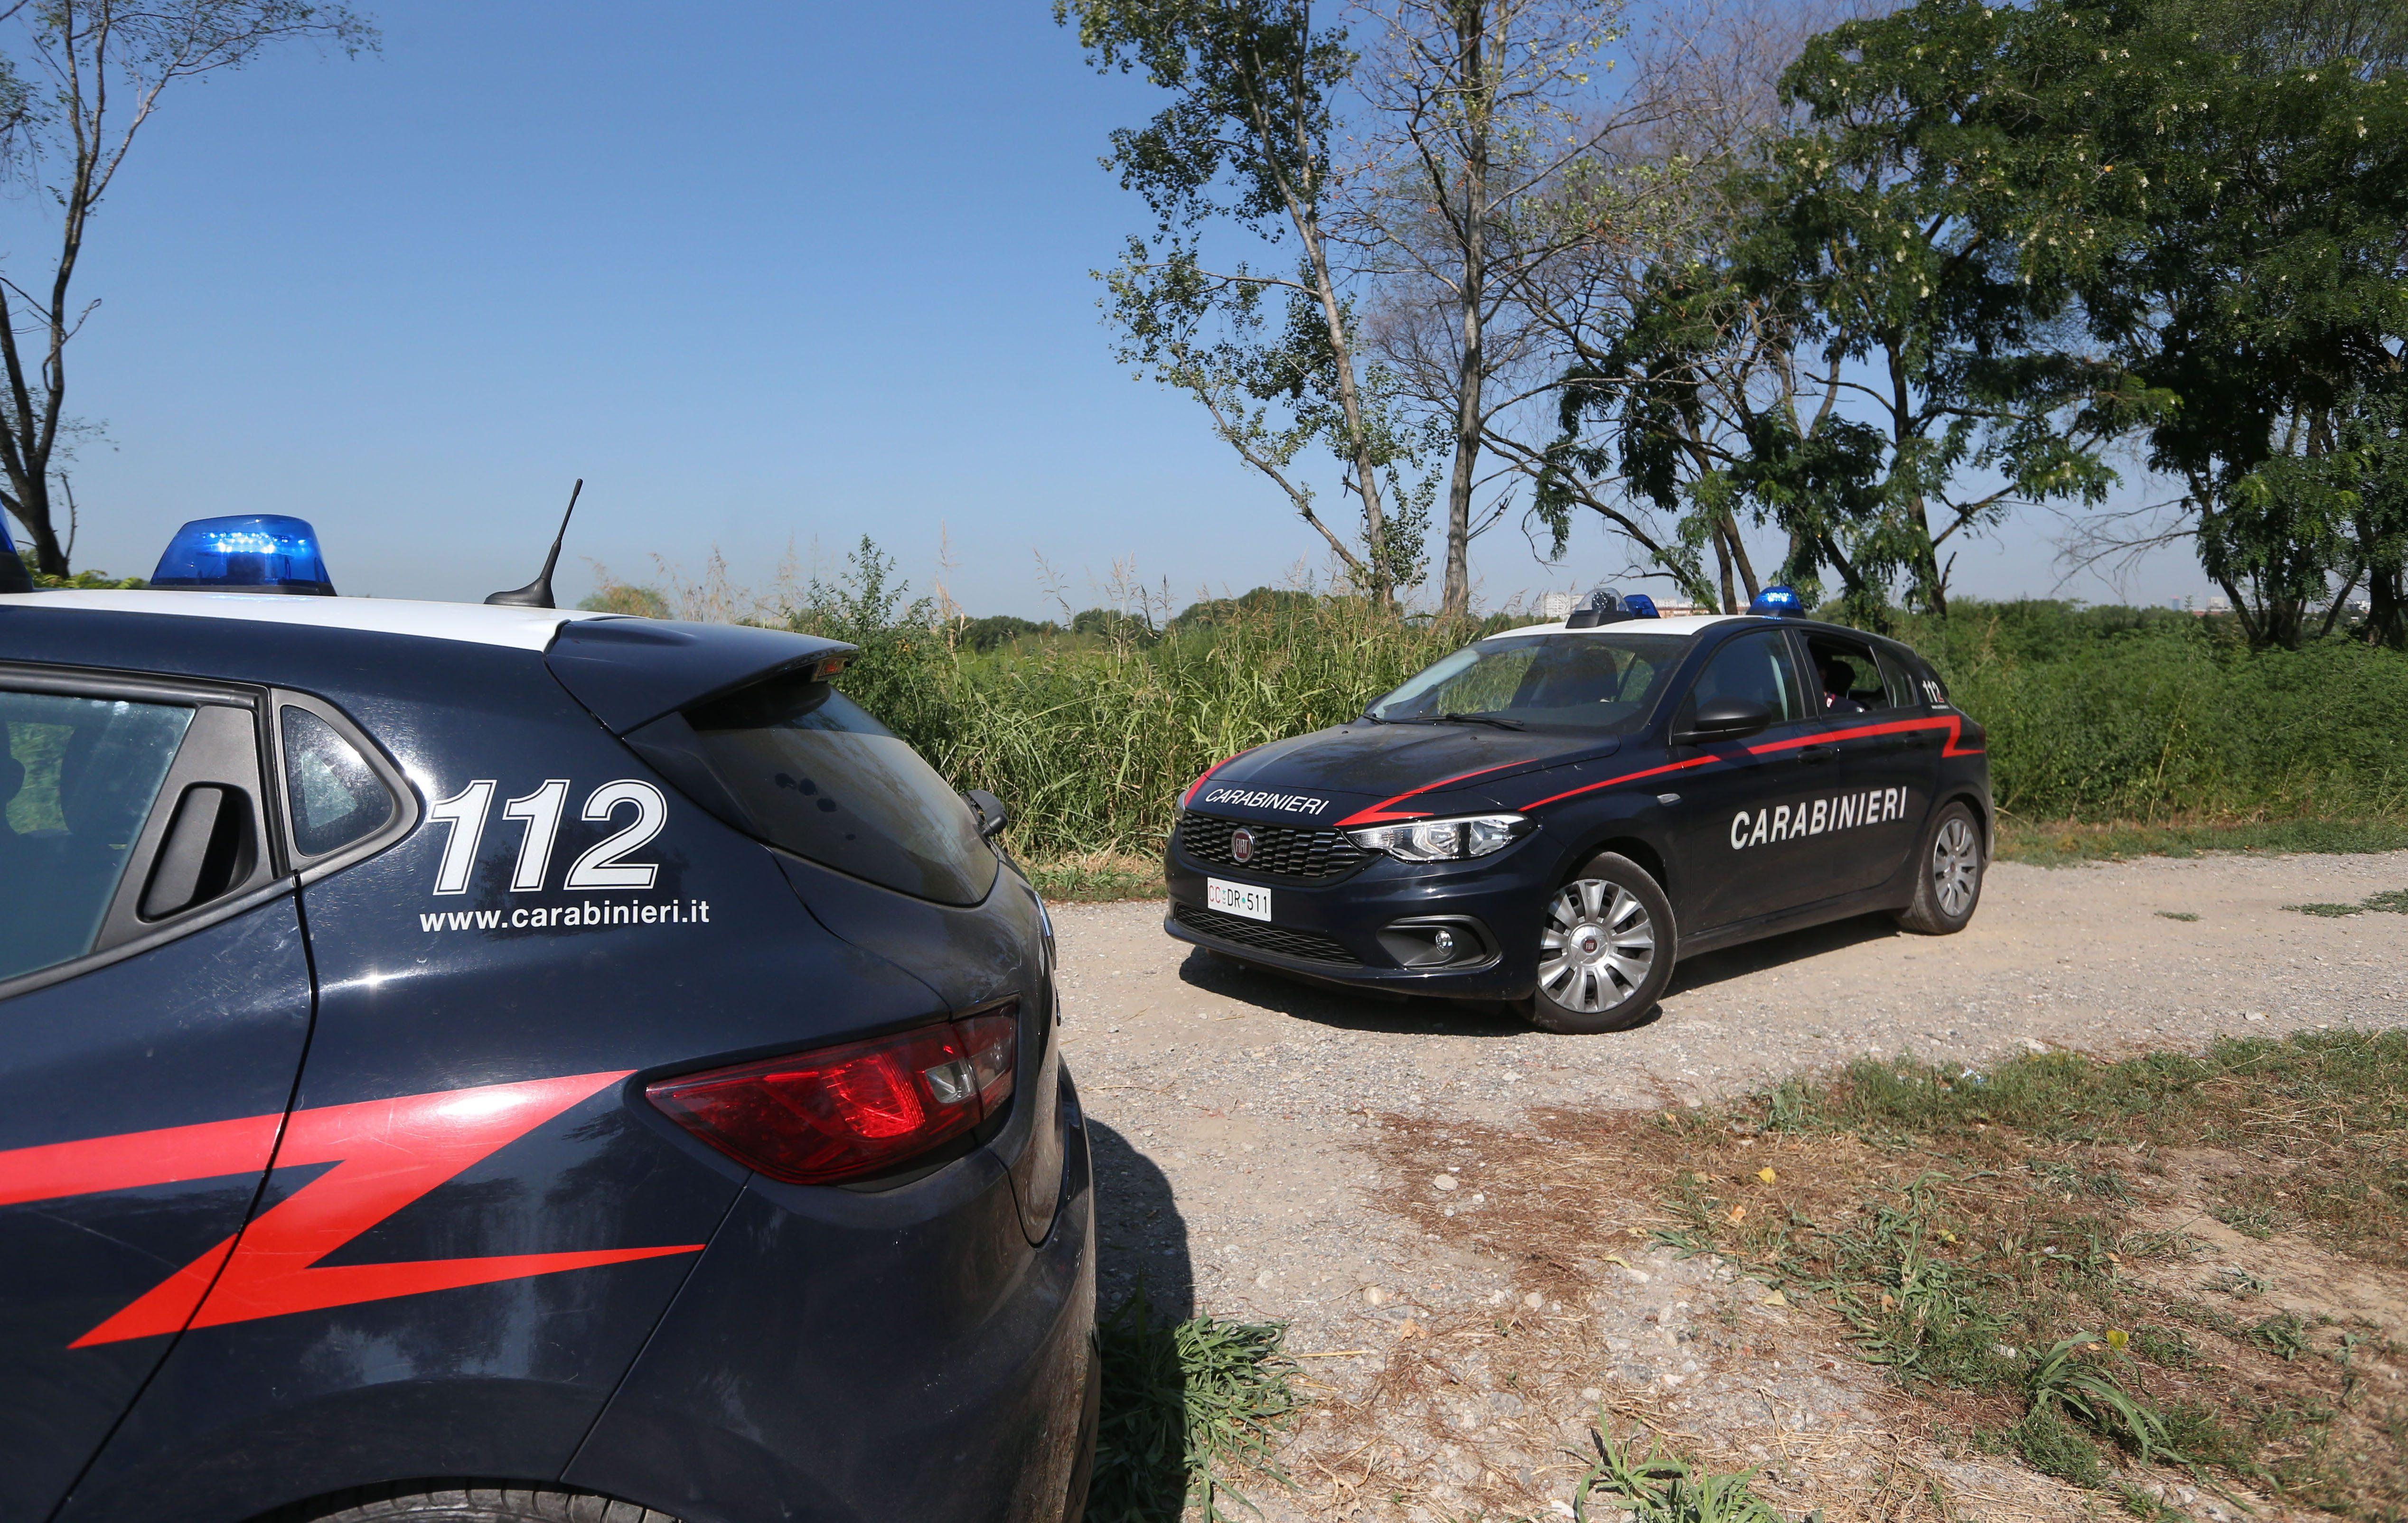 Ballabio, ragazzo rapinato e aggredito nei boschi della droga: mozzate due dita a colpi di pistola - Milano Fanpage.it